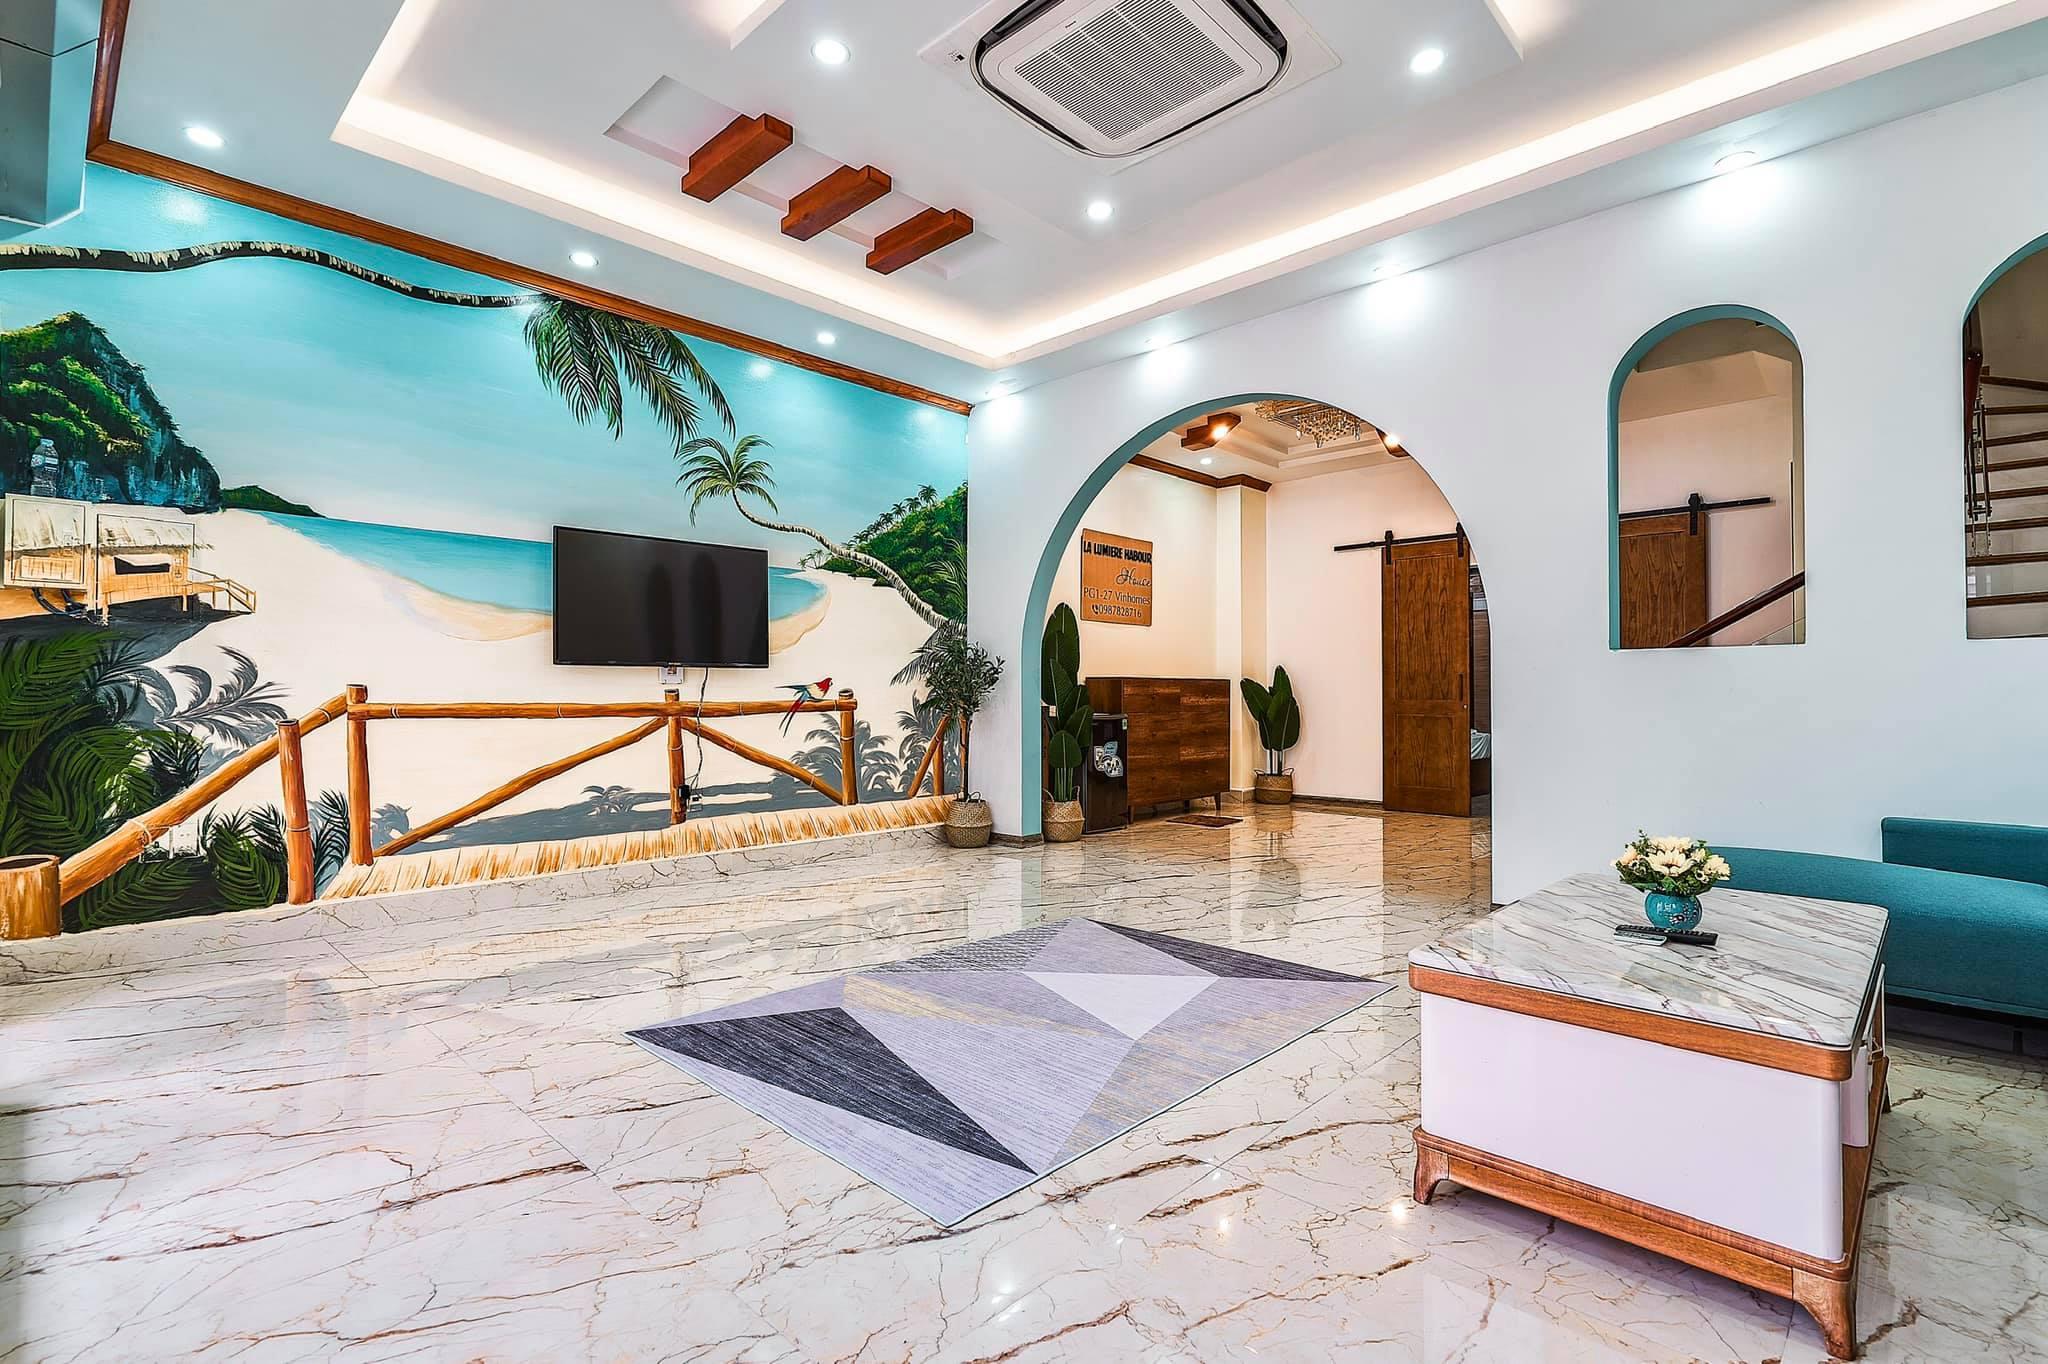 Phong khach tại Villa Mercerus